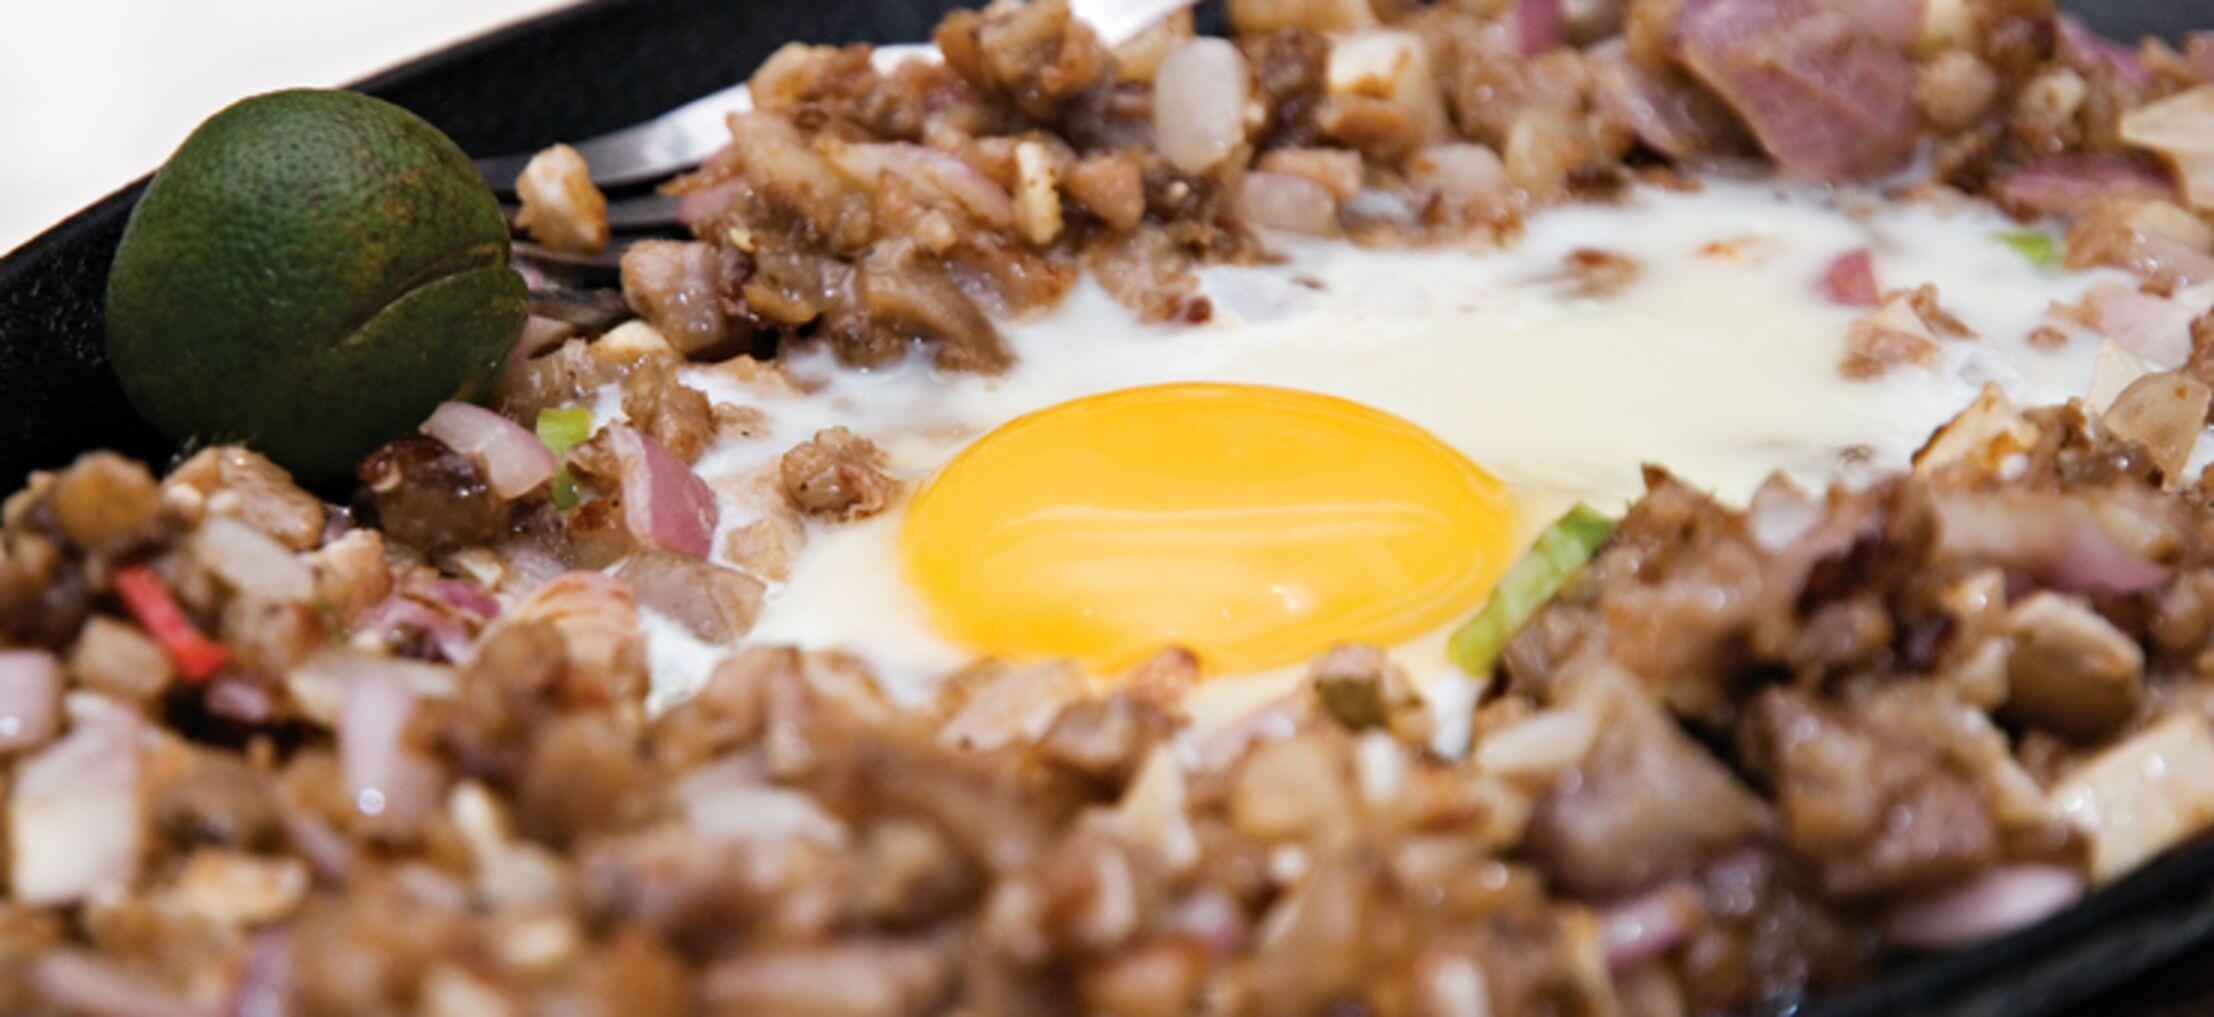 10 Makanan Enak Khas Filipina yang Rasanya Bikin Lidah Susah Move On!